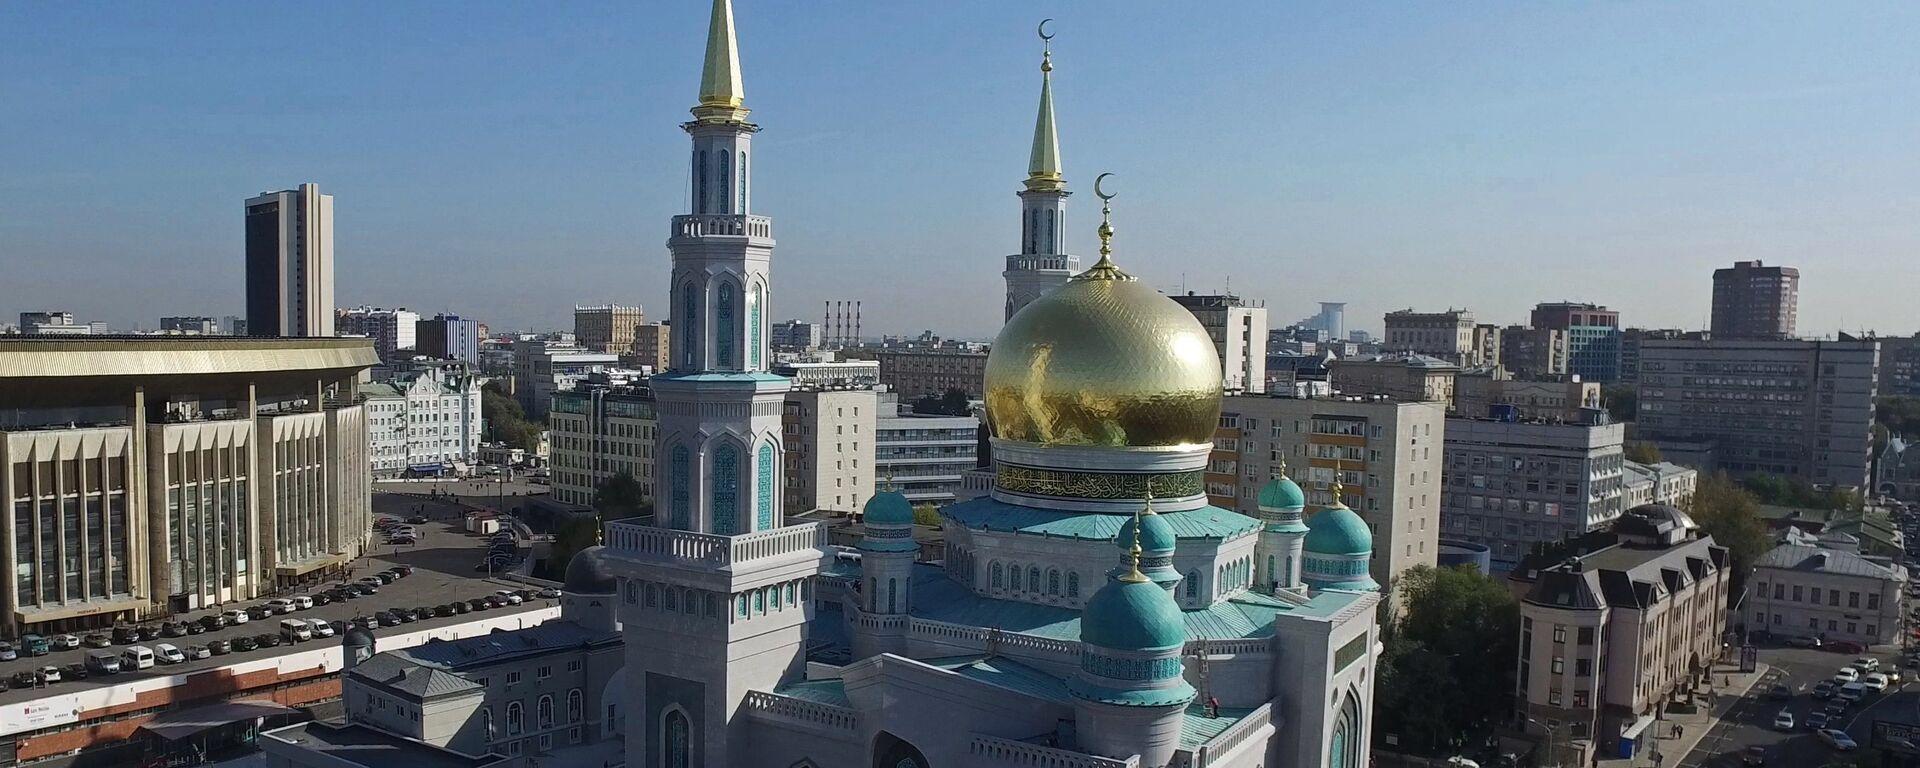 Московская соборная мечеть открылась после реконструкции - Sputnik Узбекистан, 1920, 12.07.2021